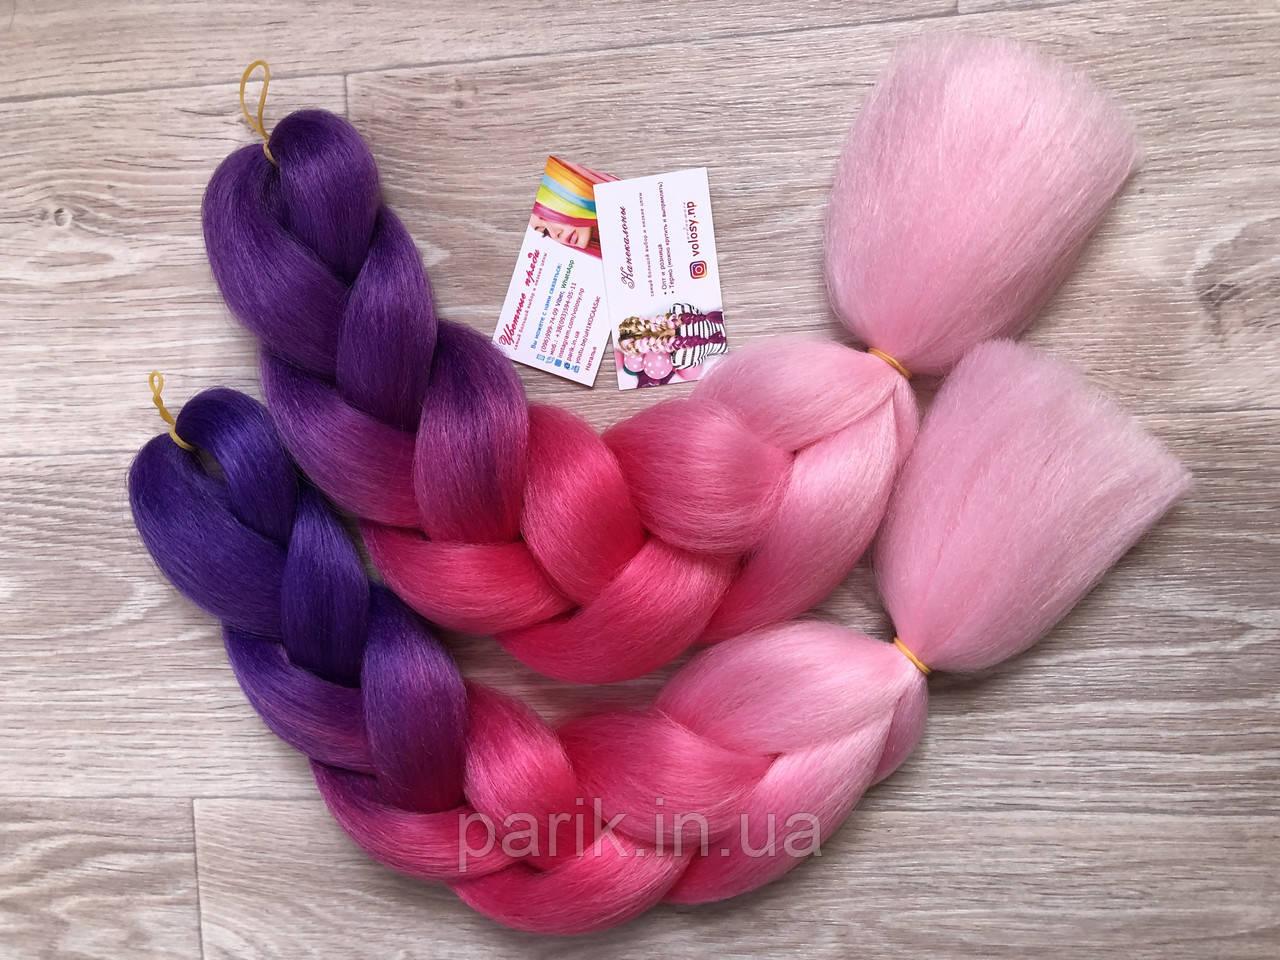 💗💜 Канекалон омбре фиолетово розовый, цветные пряди для причёсок девочкам 💗💜